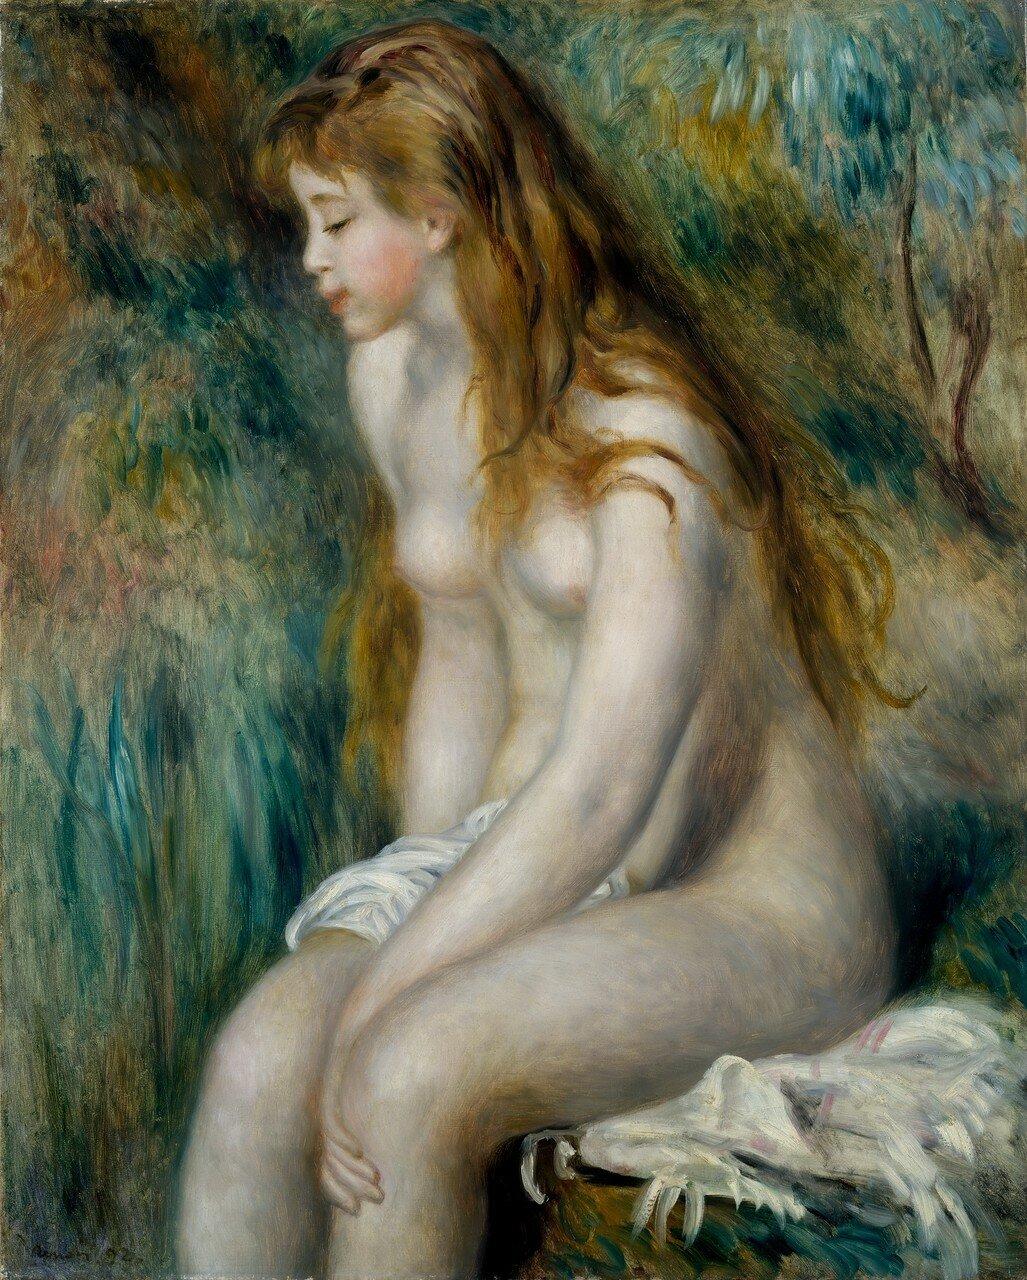 166Галерея русских голых девушек